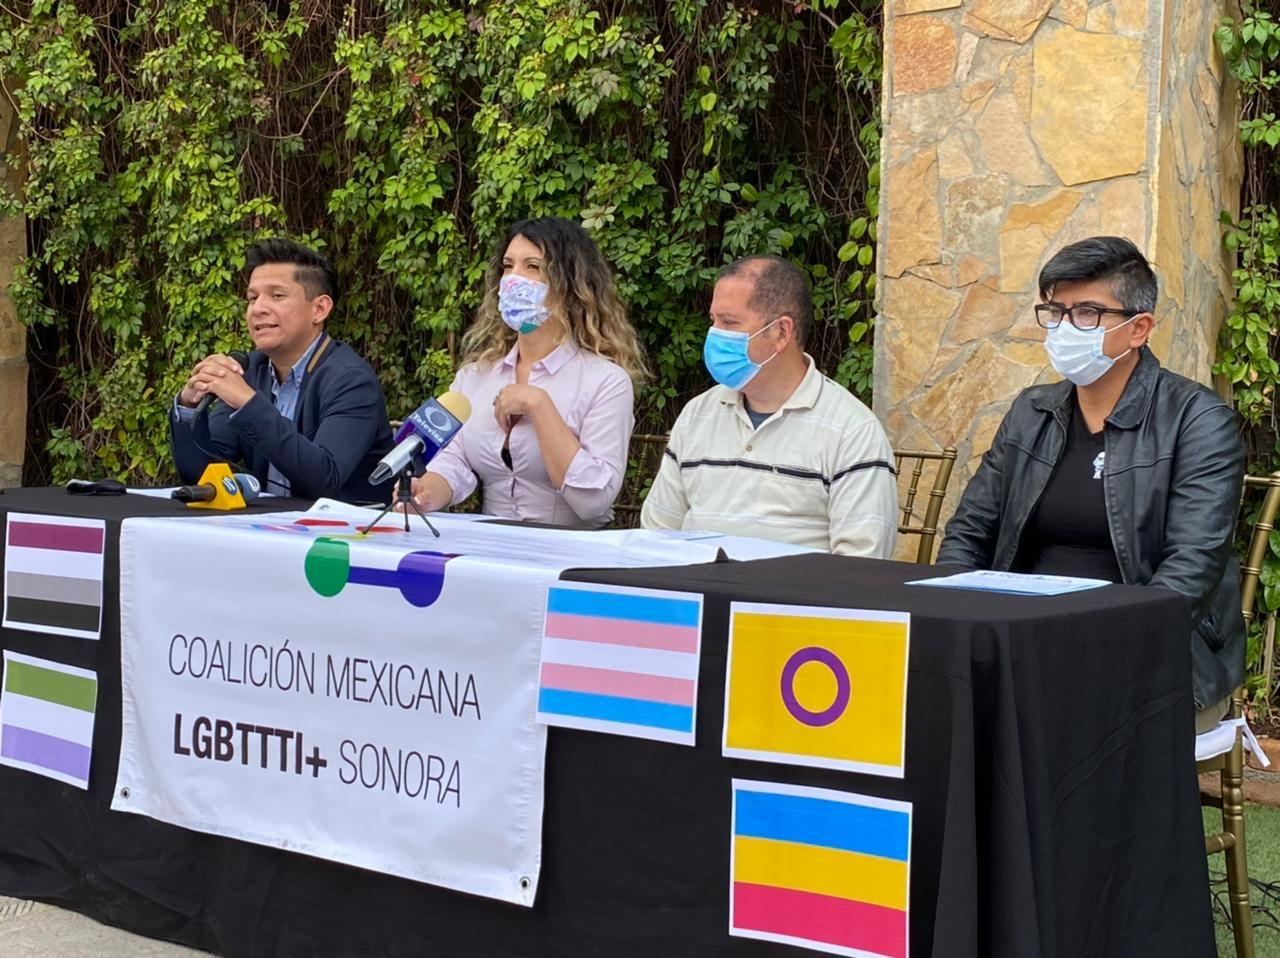 Coalición Mexicana LGBTTTIQ+ Sonora